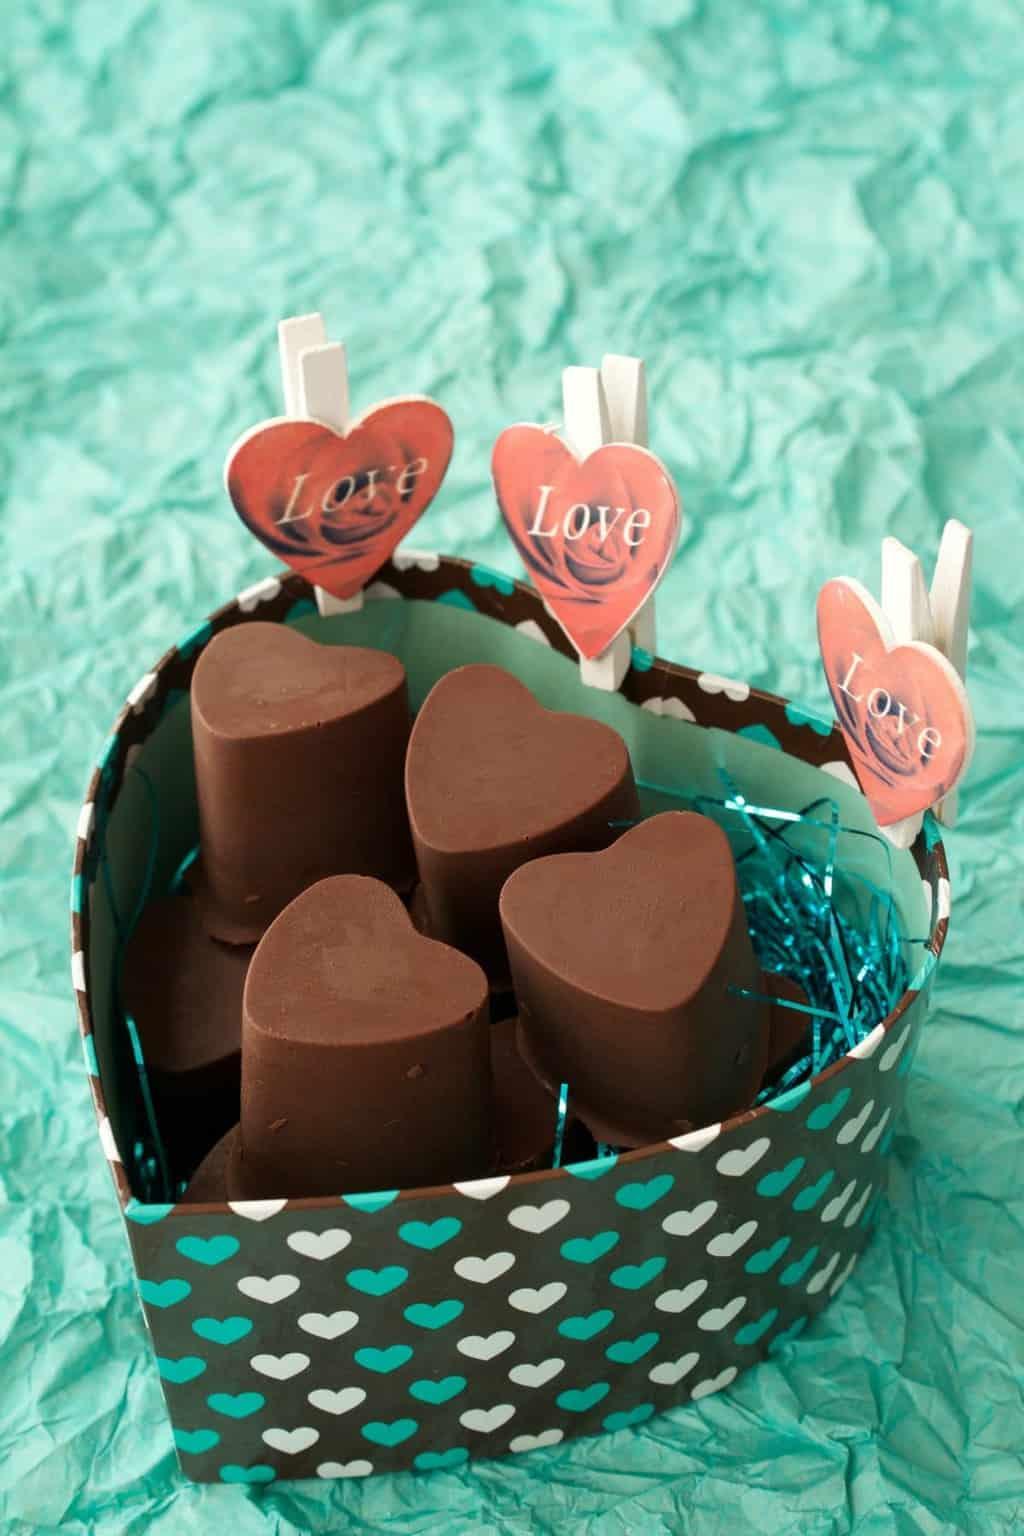 Heart-Shaped Caramel Fudge Vegan Chocolates. Perfect for a Romantic Occasion! #vegan #lovingitvegan #valentines #romantic #dessert #chocolates